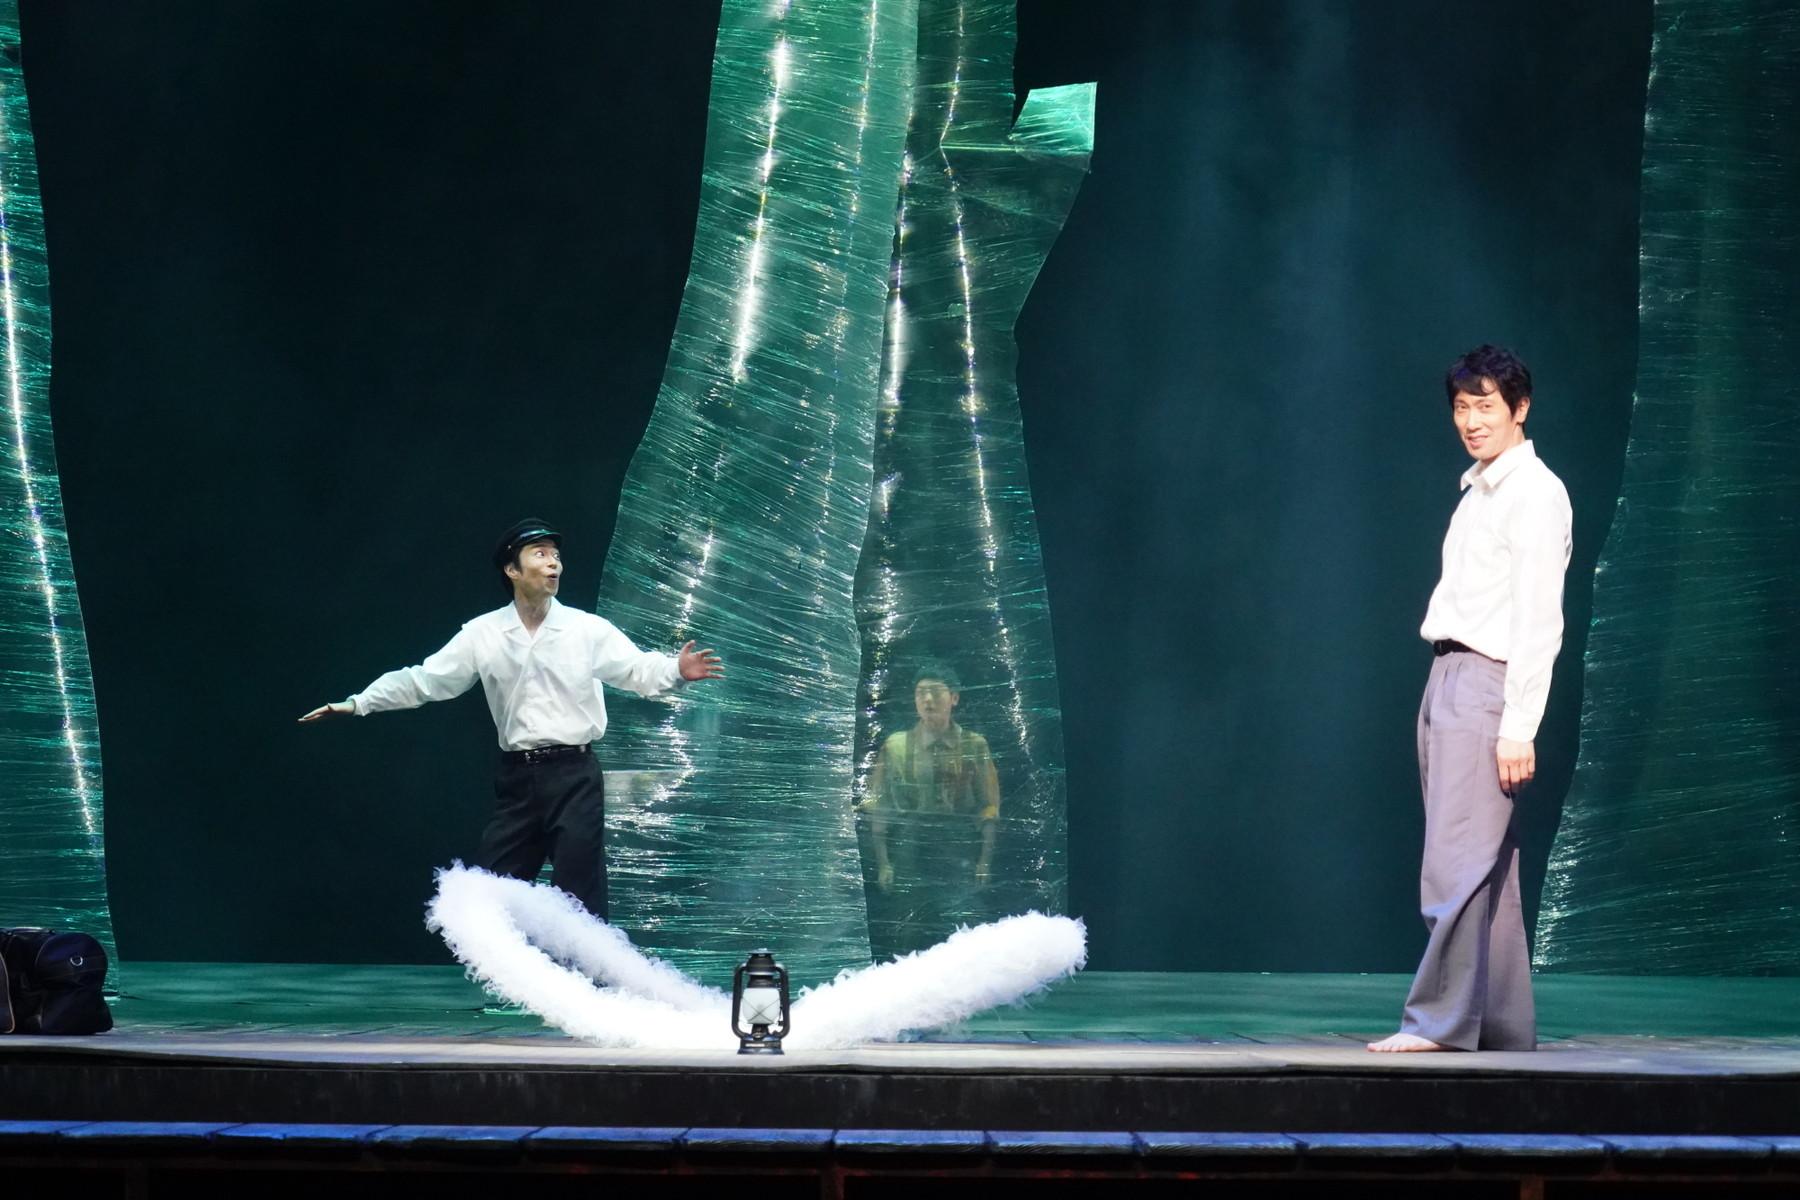 左から 浜田信也、(中央・木の裏)大窪人衛、佐々木蔵之介 撮影:田中亜紀